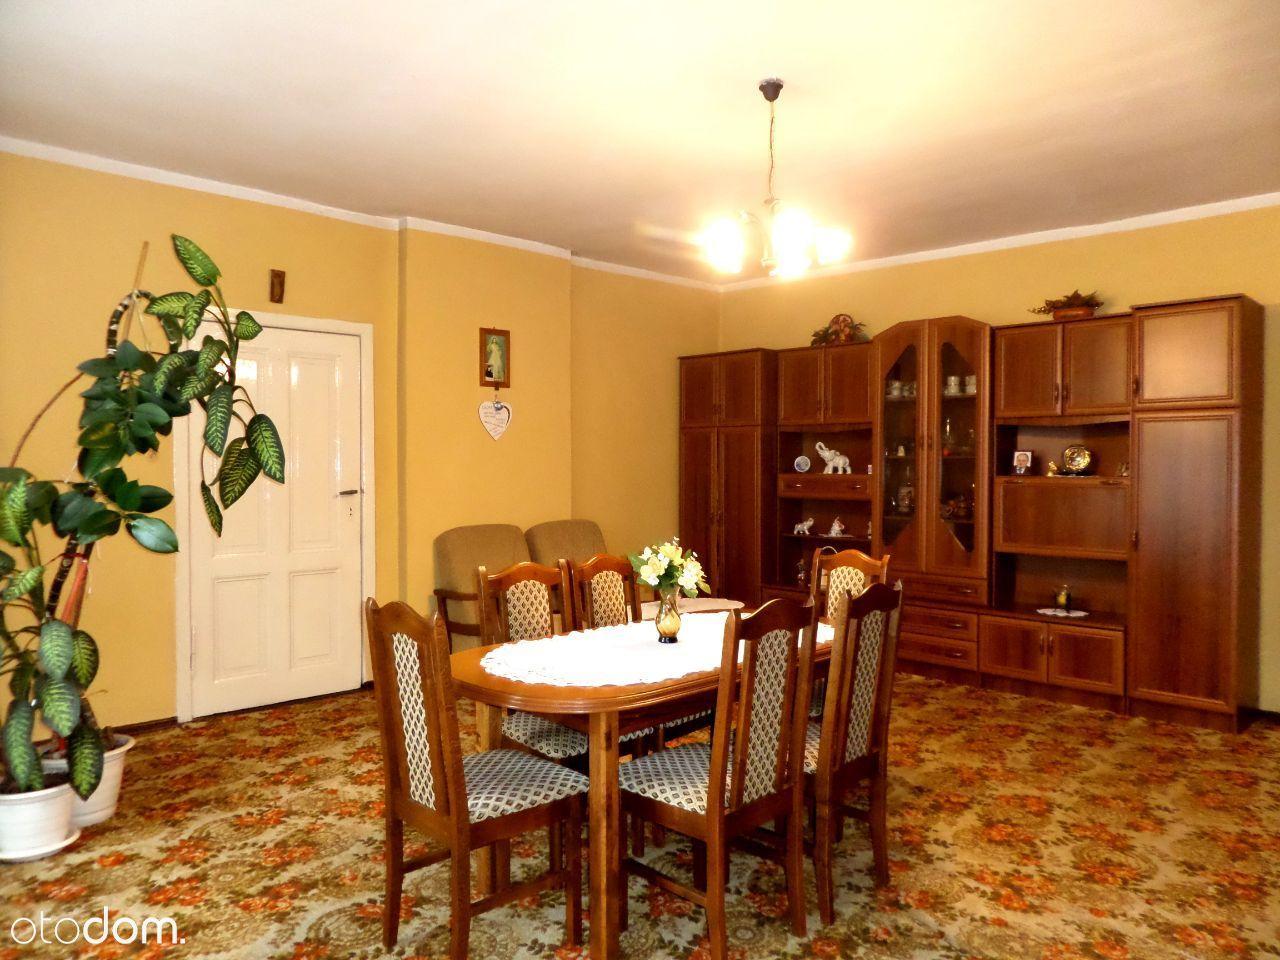 mieszkanie/5 pokoi z garażem i dużą działką.